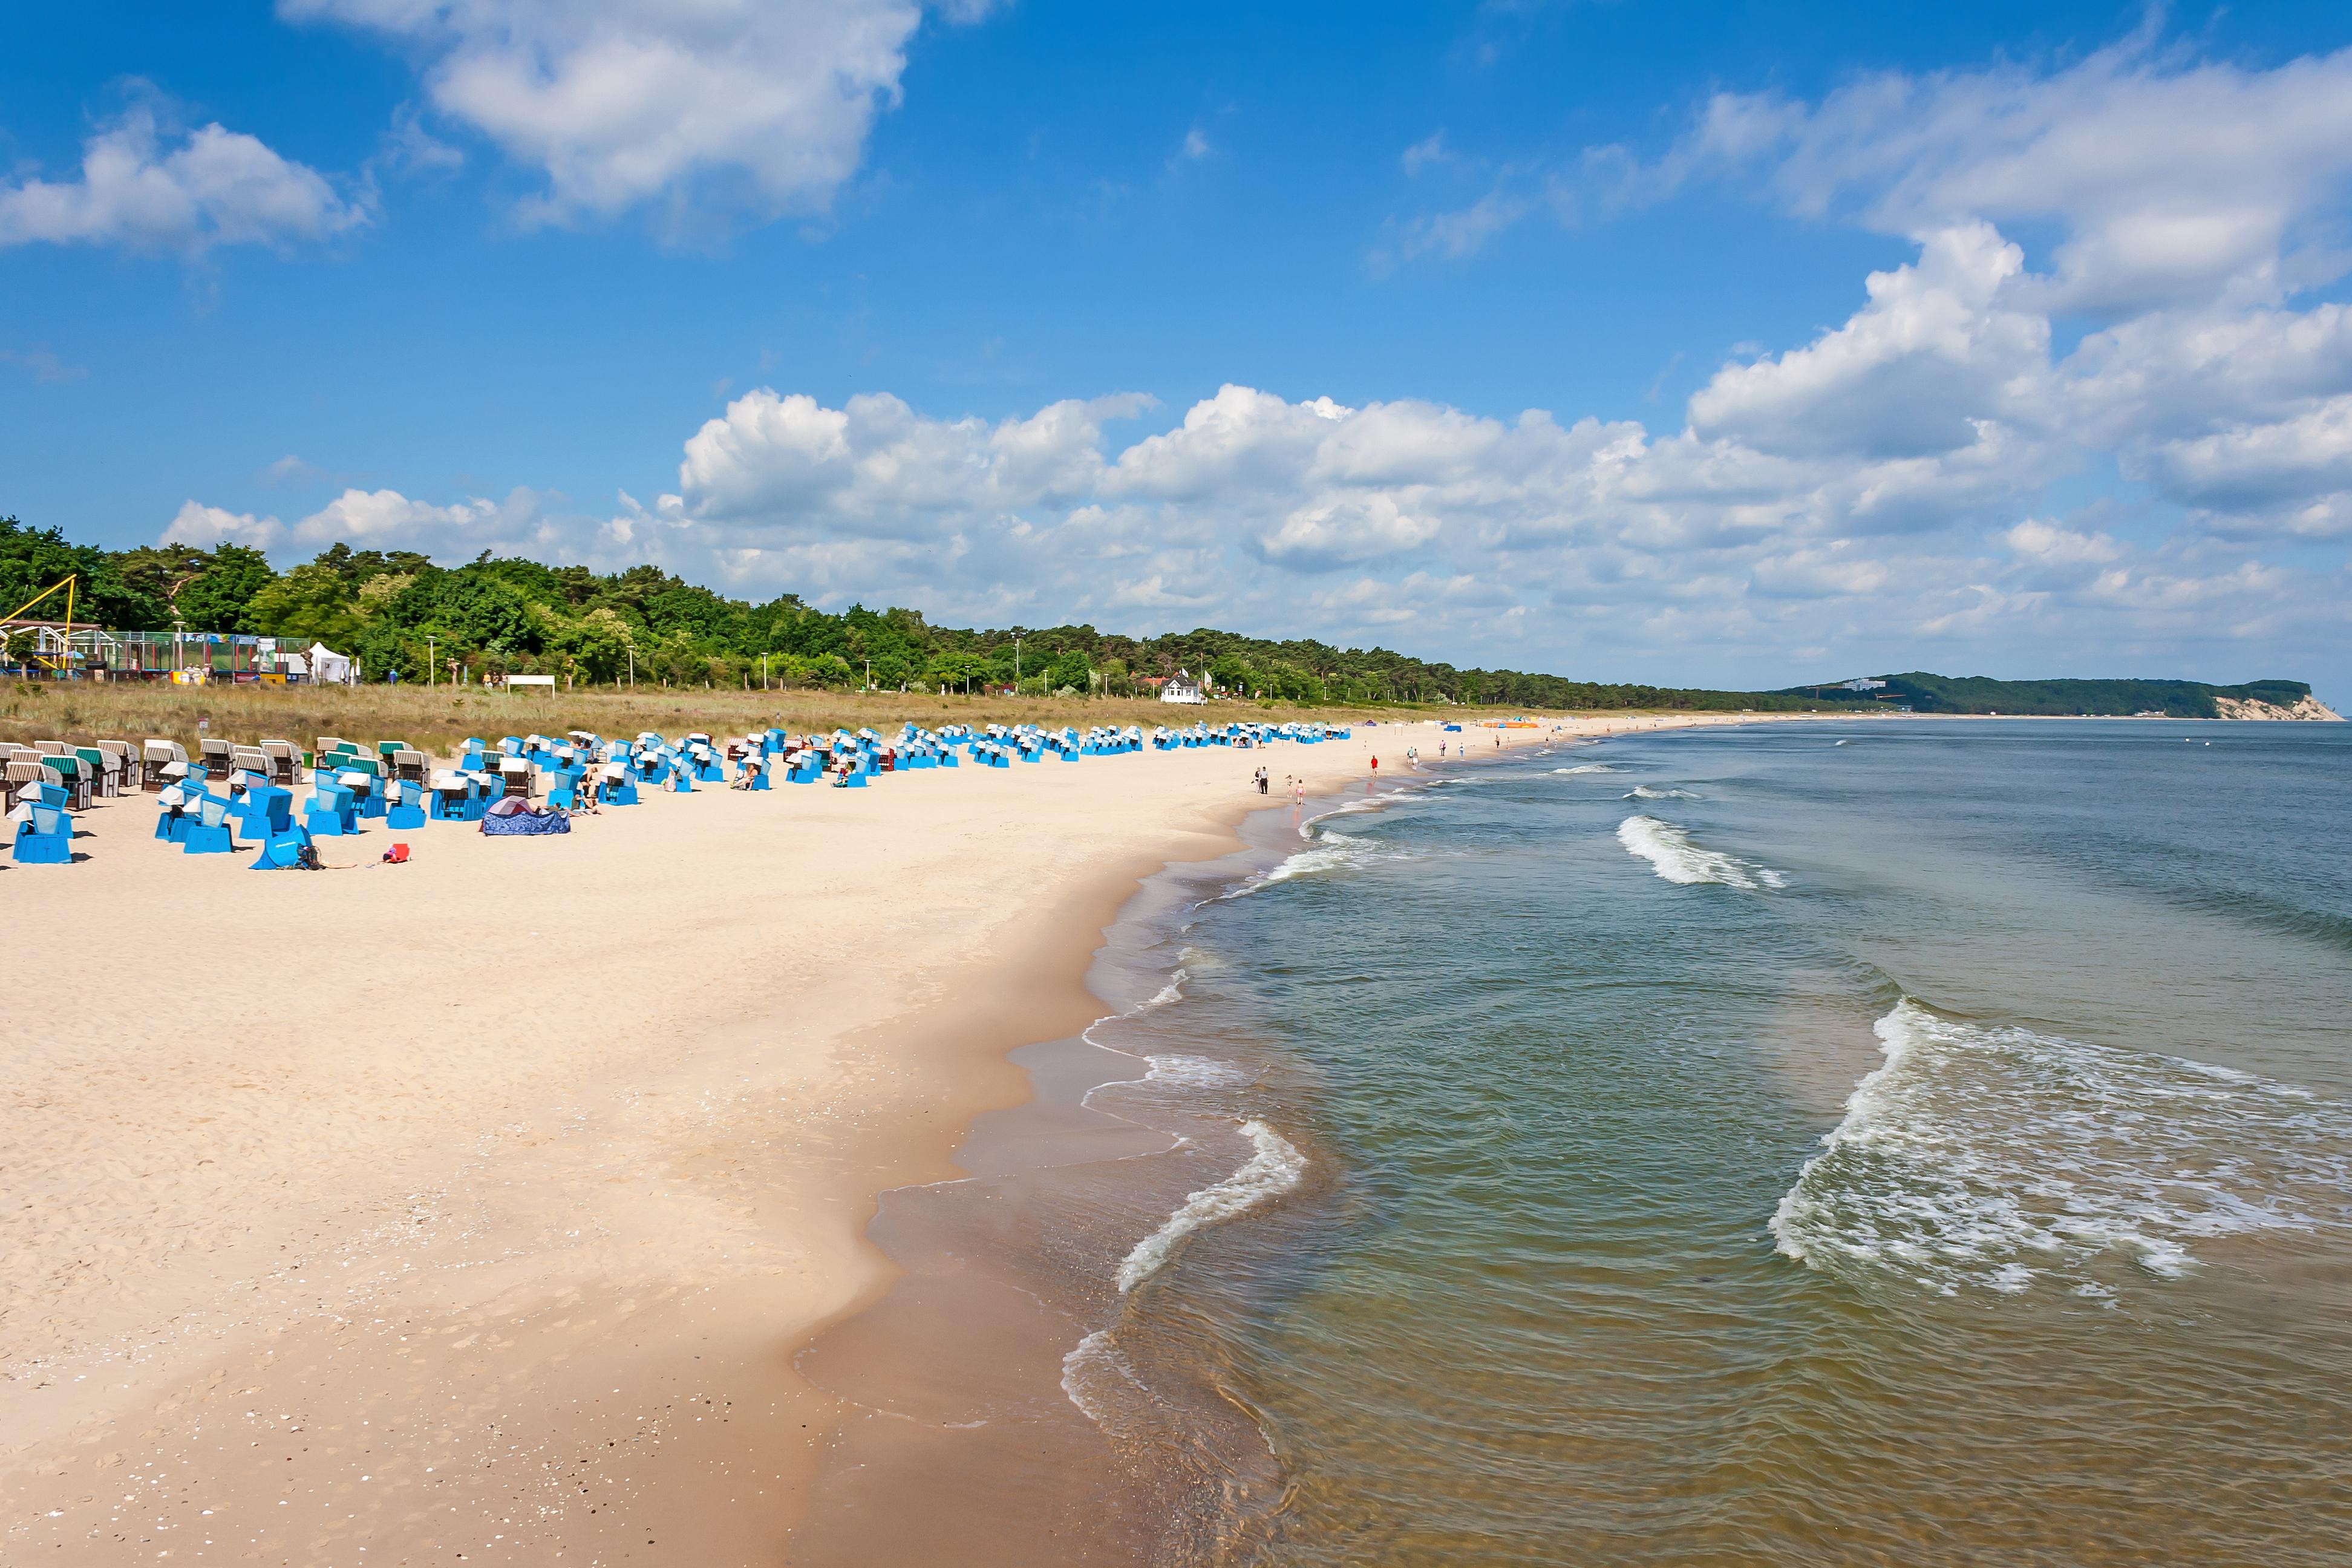 Sommerzeit – Urlaubszeit: Deutschlands Küsten und Inseln gefragt wie nie zuvor